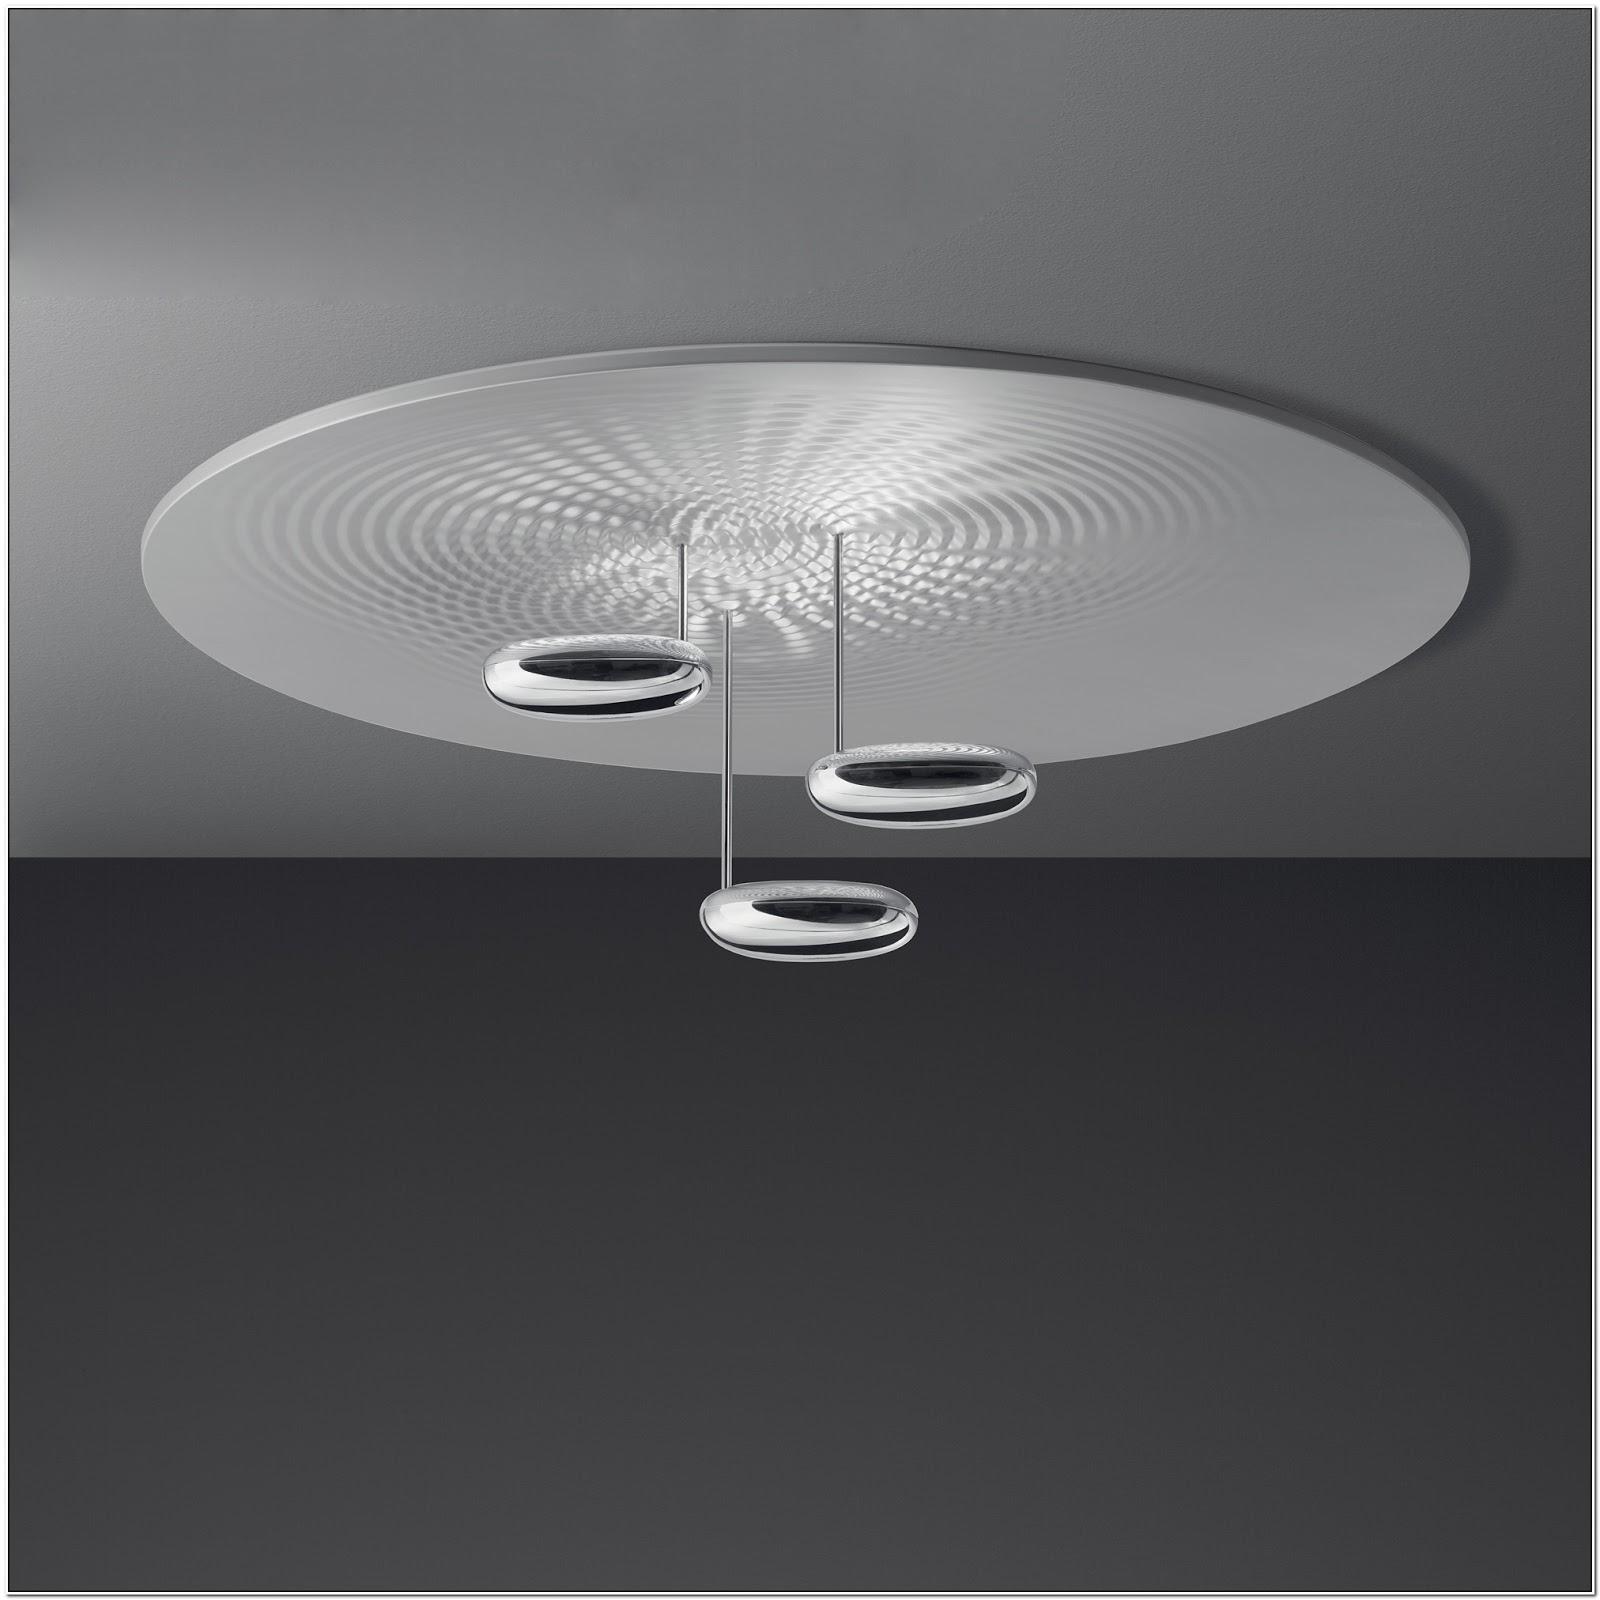 wohnzimmer%252Bdeckenleuchte%252B-%252Bdeckenleuchte%252Bwohnzimmer%252Bled Elegantes Dimmer Für Led Lampen Dekorationen